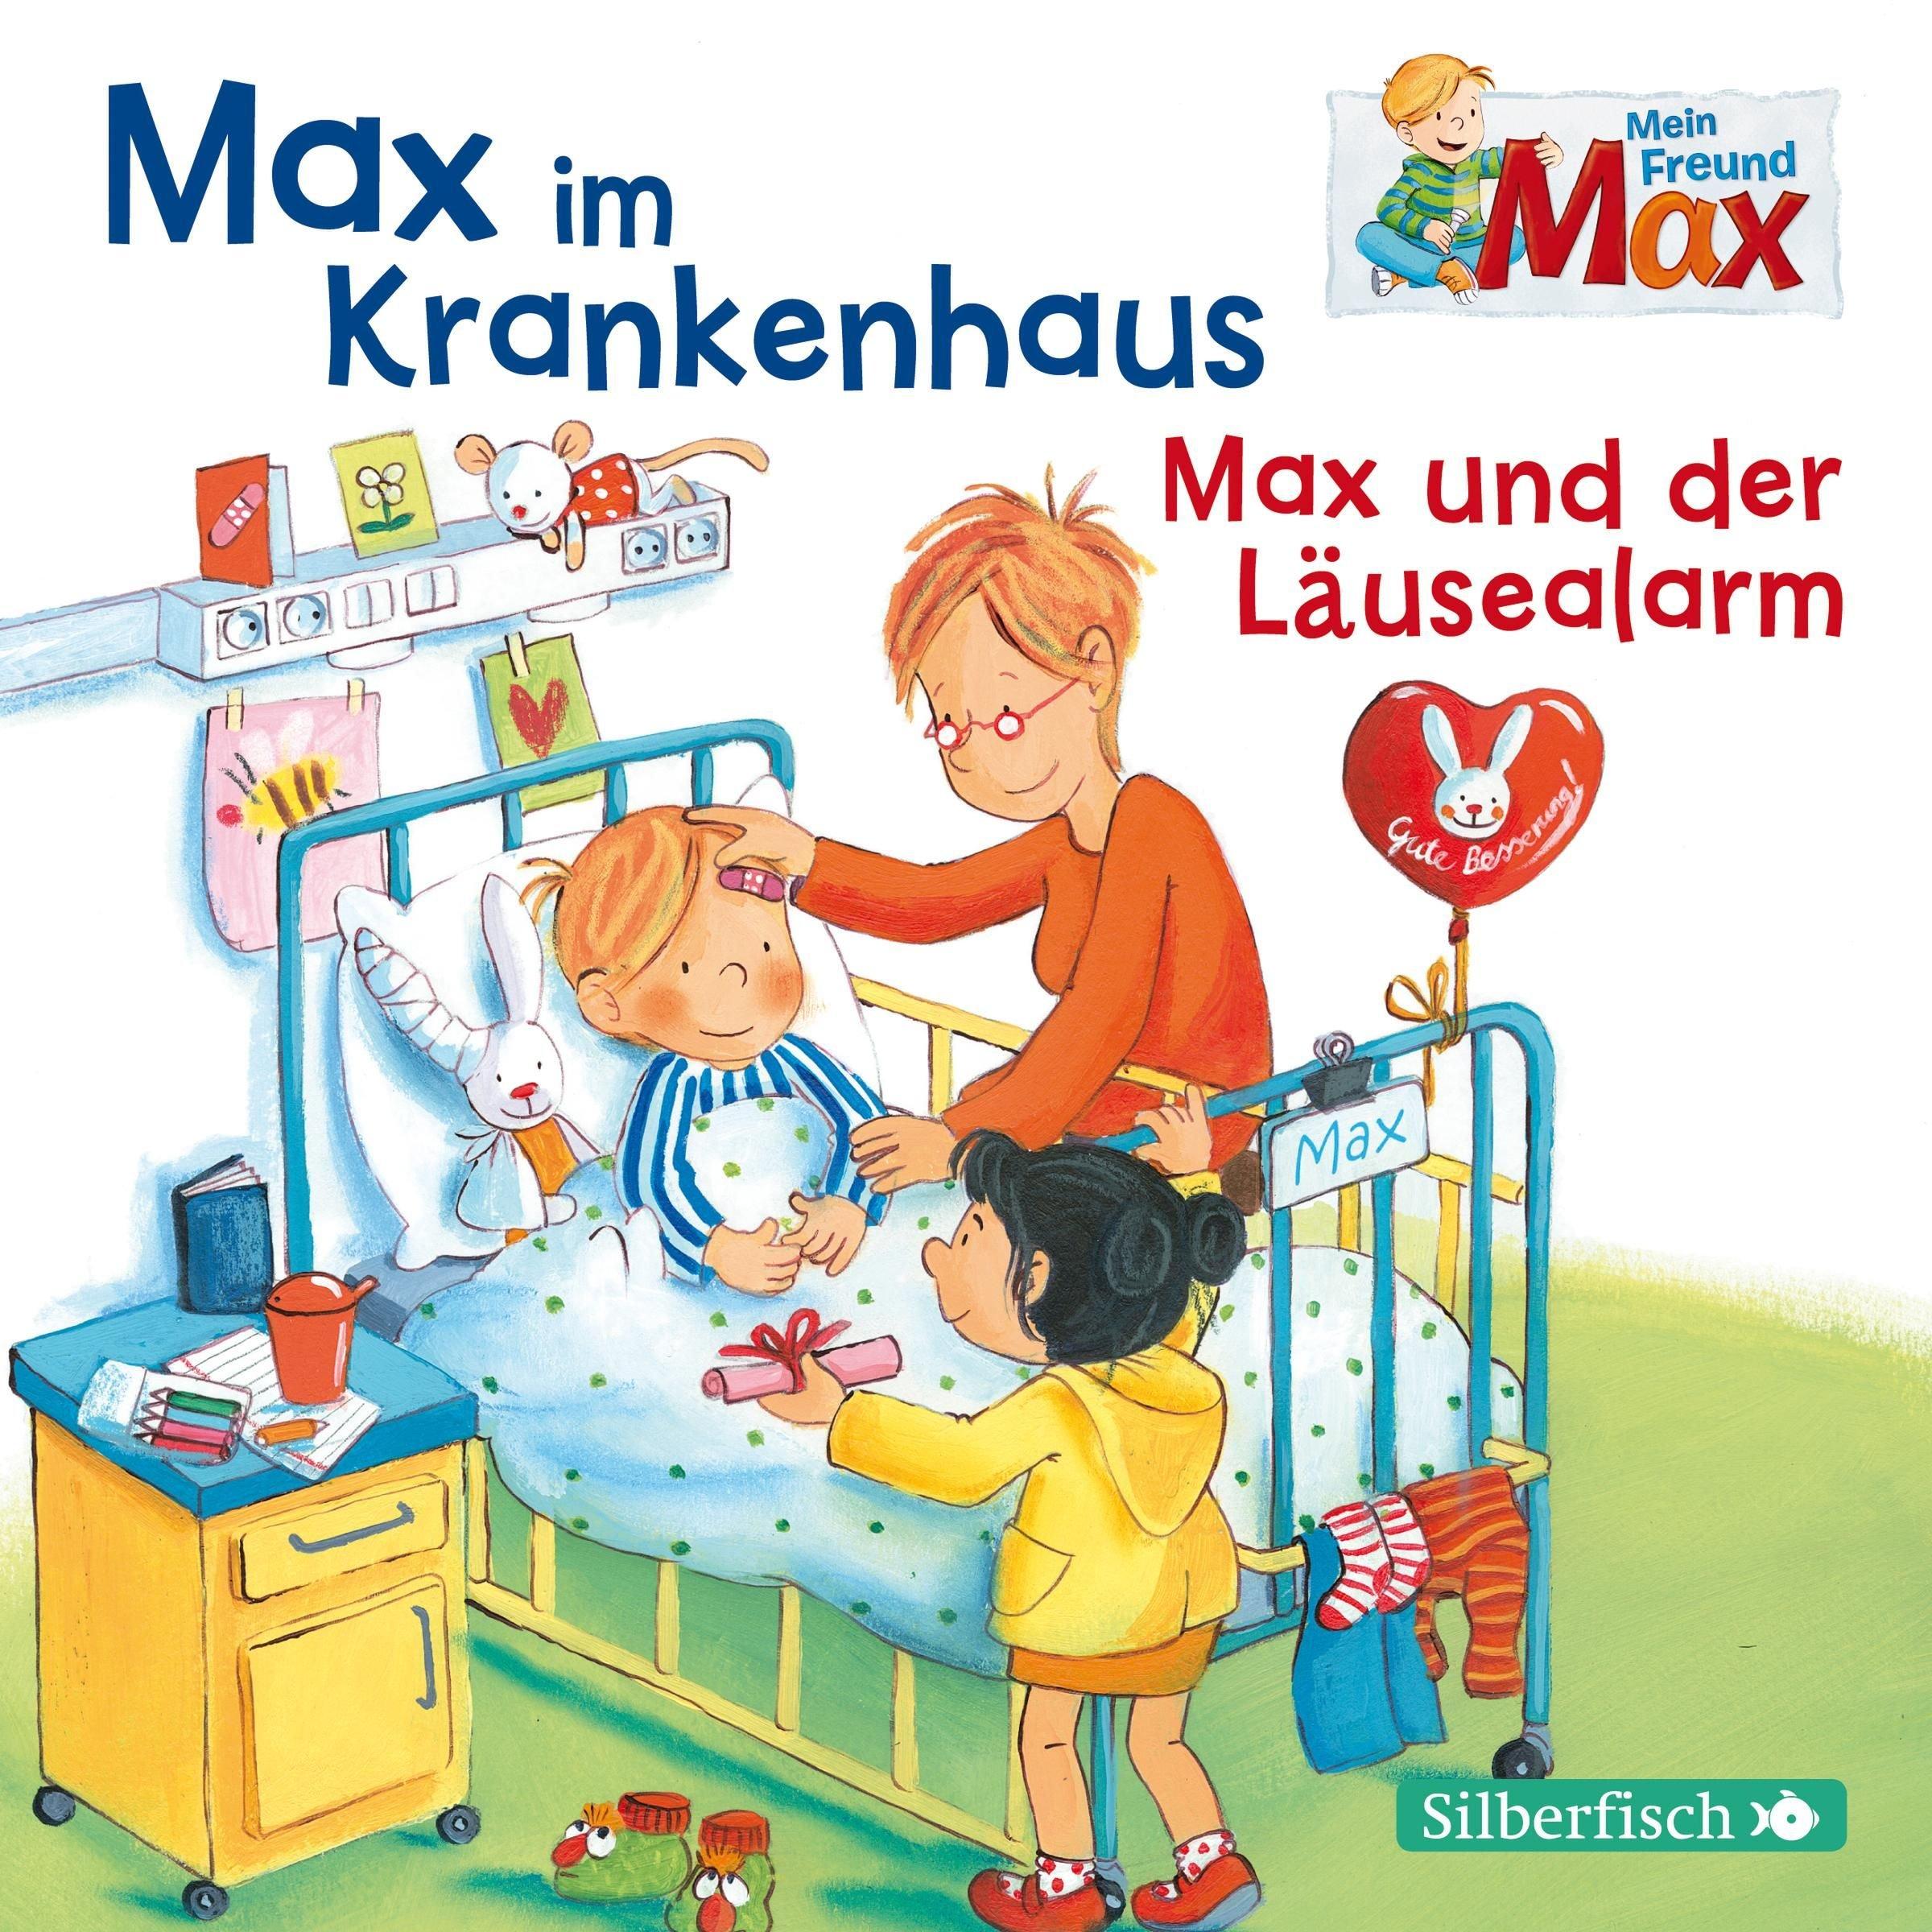 Max im Krankenhaus / Max und der Läusealarm: 1 CD (Mein Freund Max, Band 8)